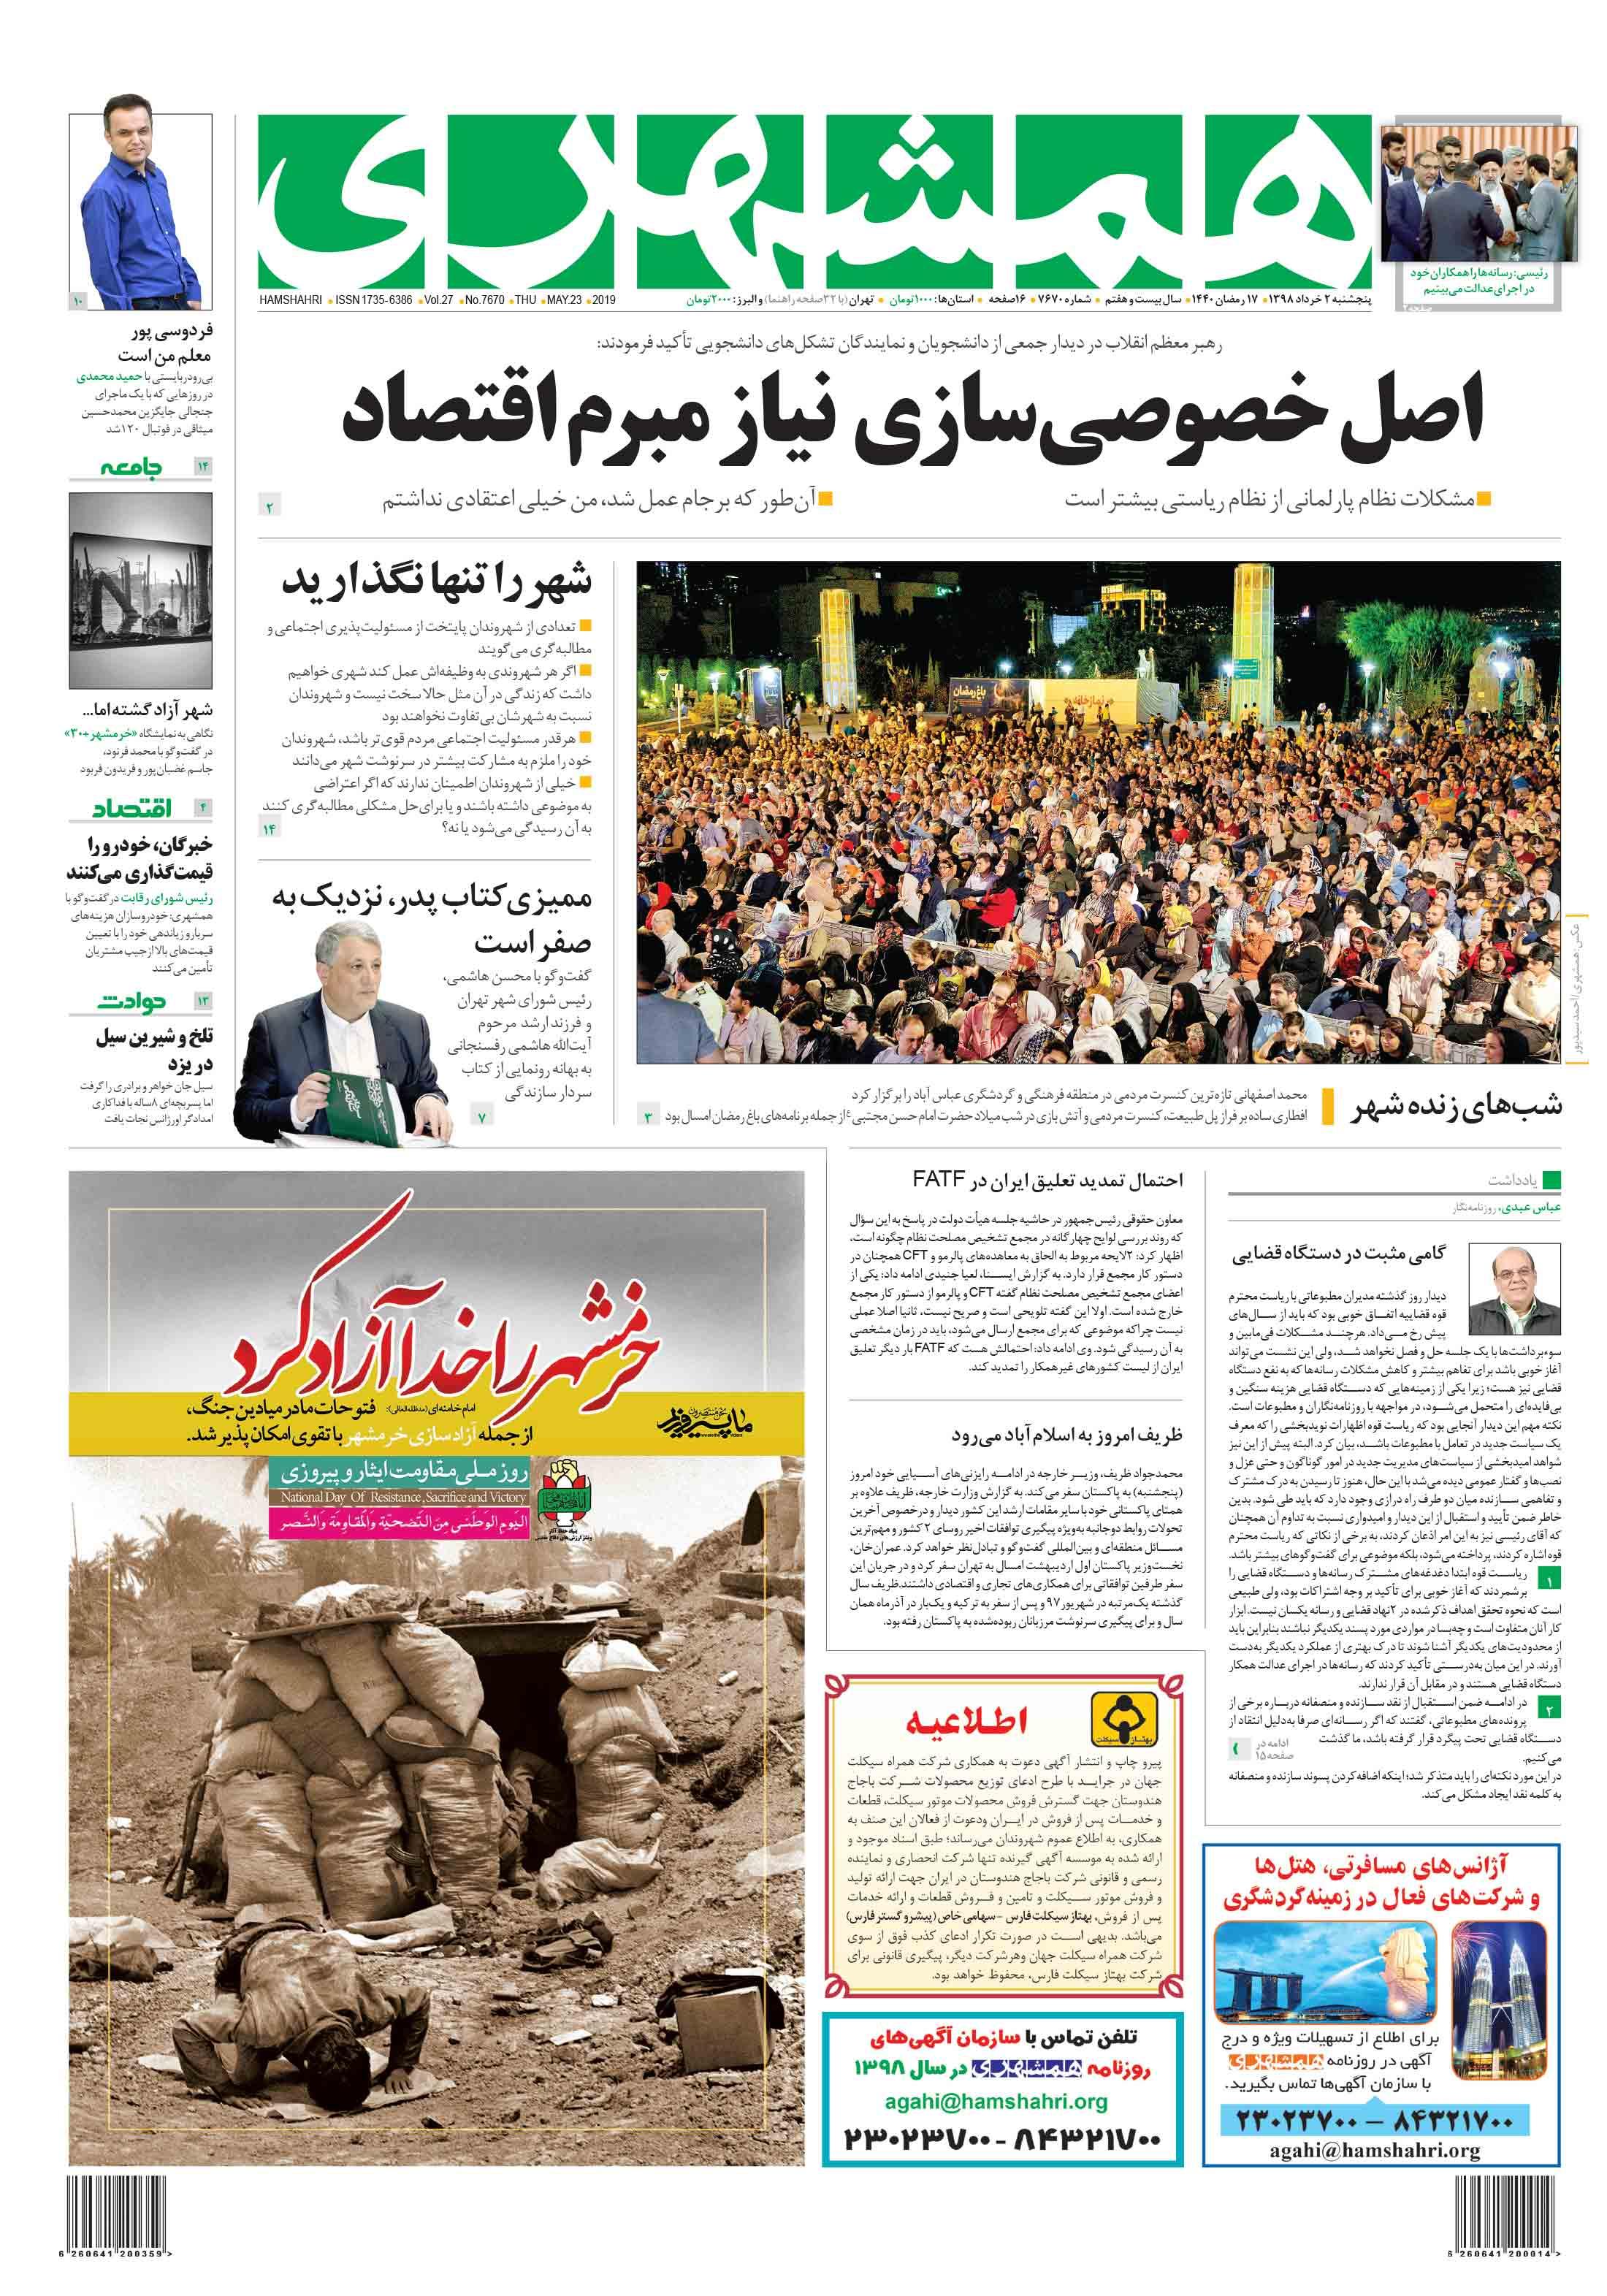 صفحه اول پنجشنبه 2 خرداد 1398